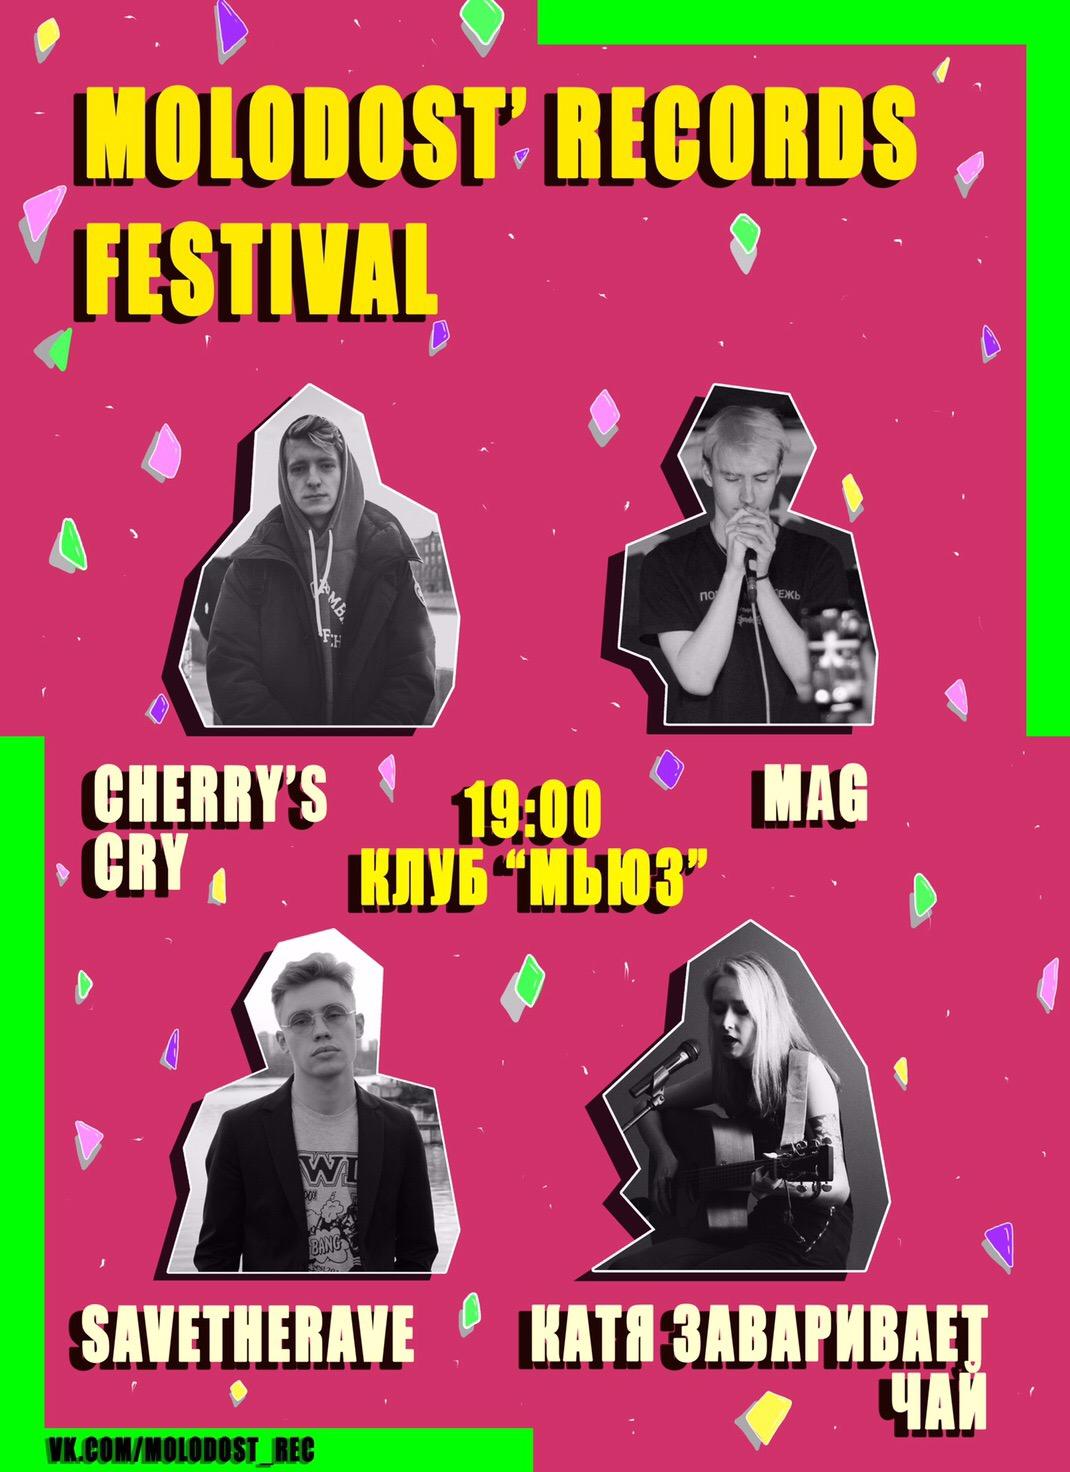 Molodost' Records Festival